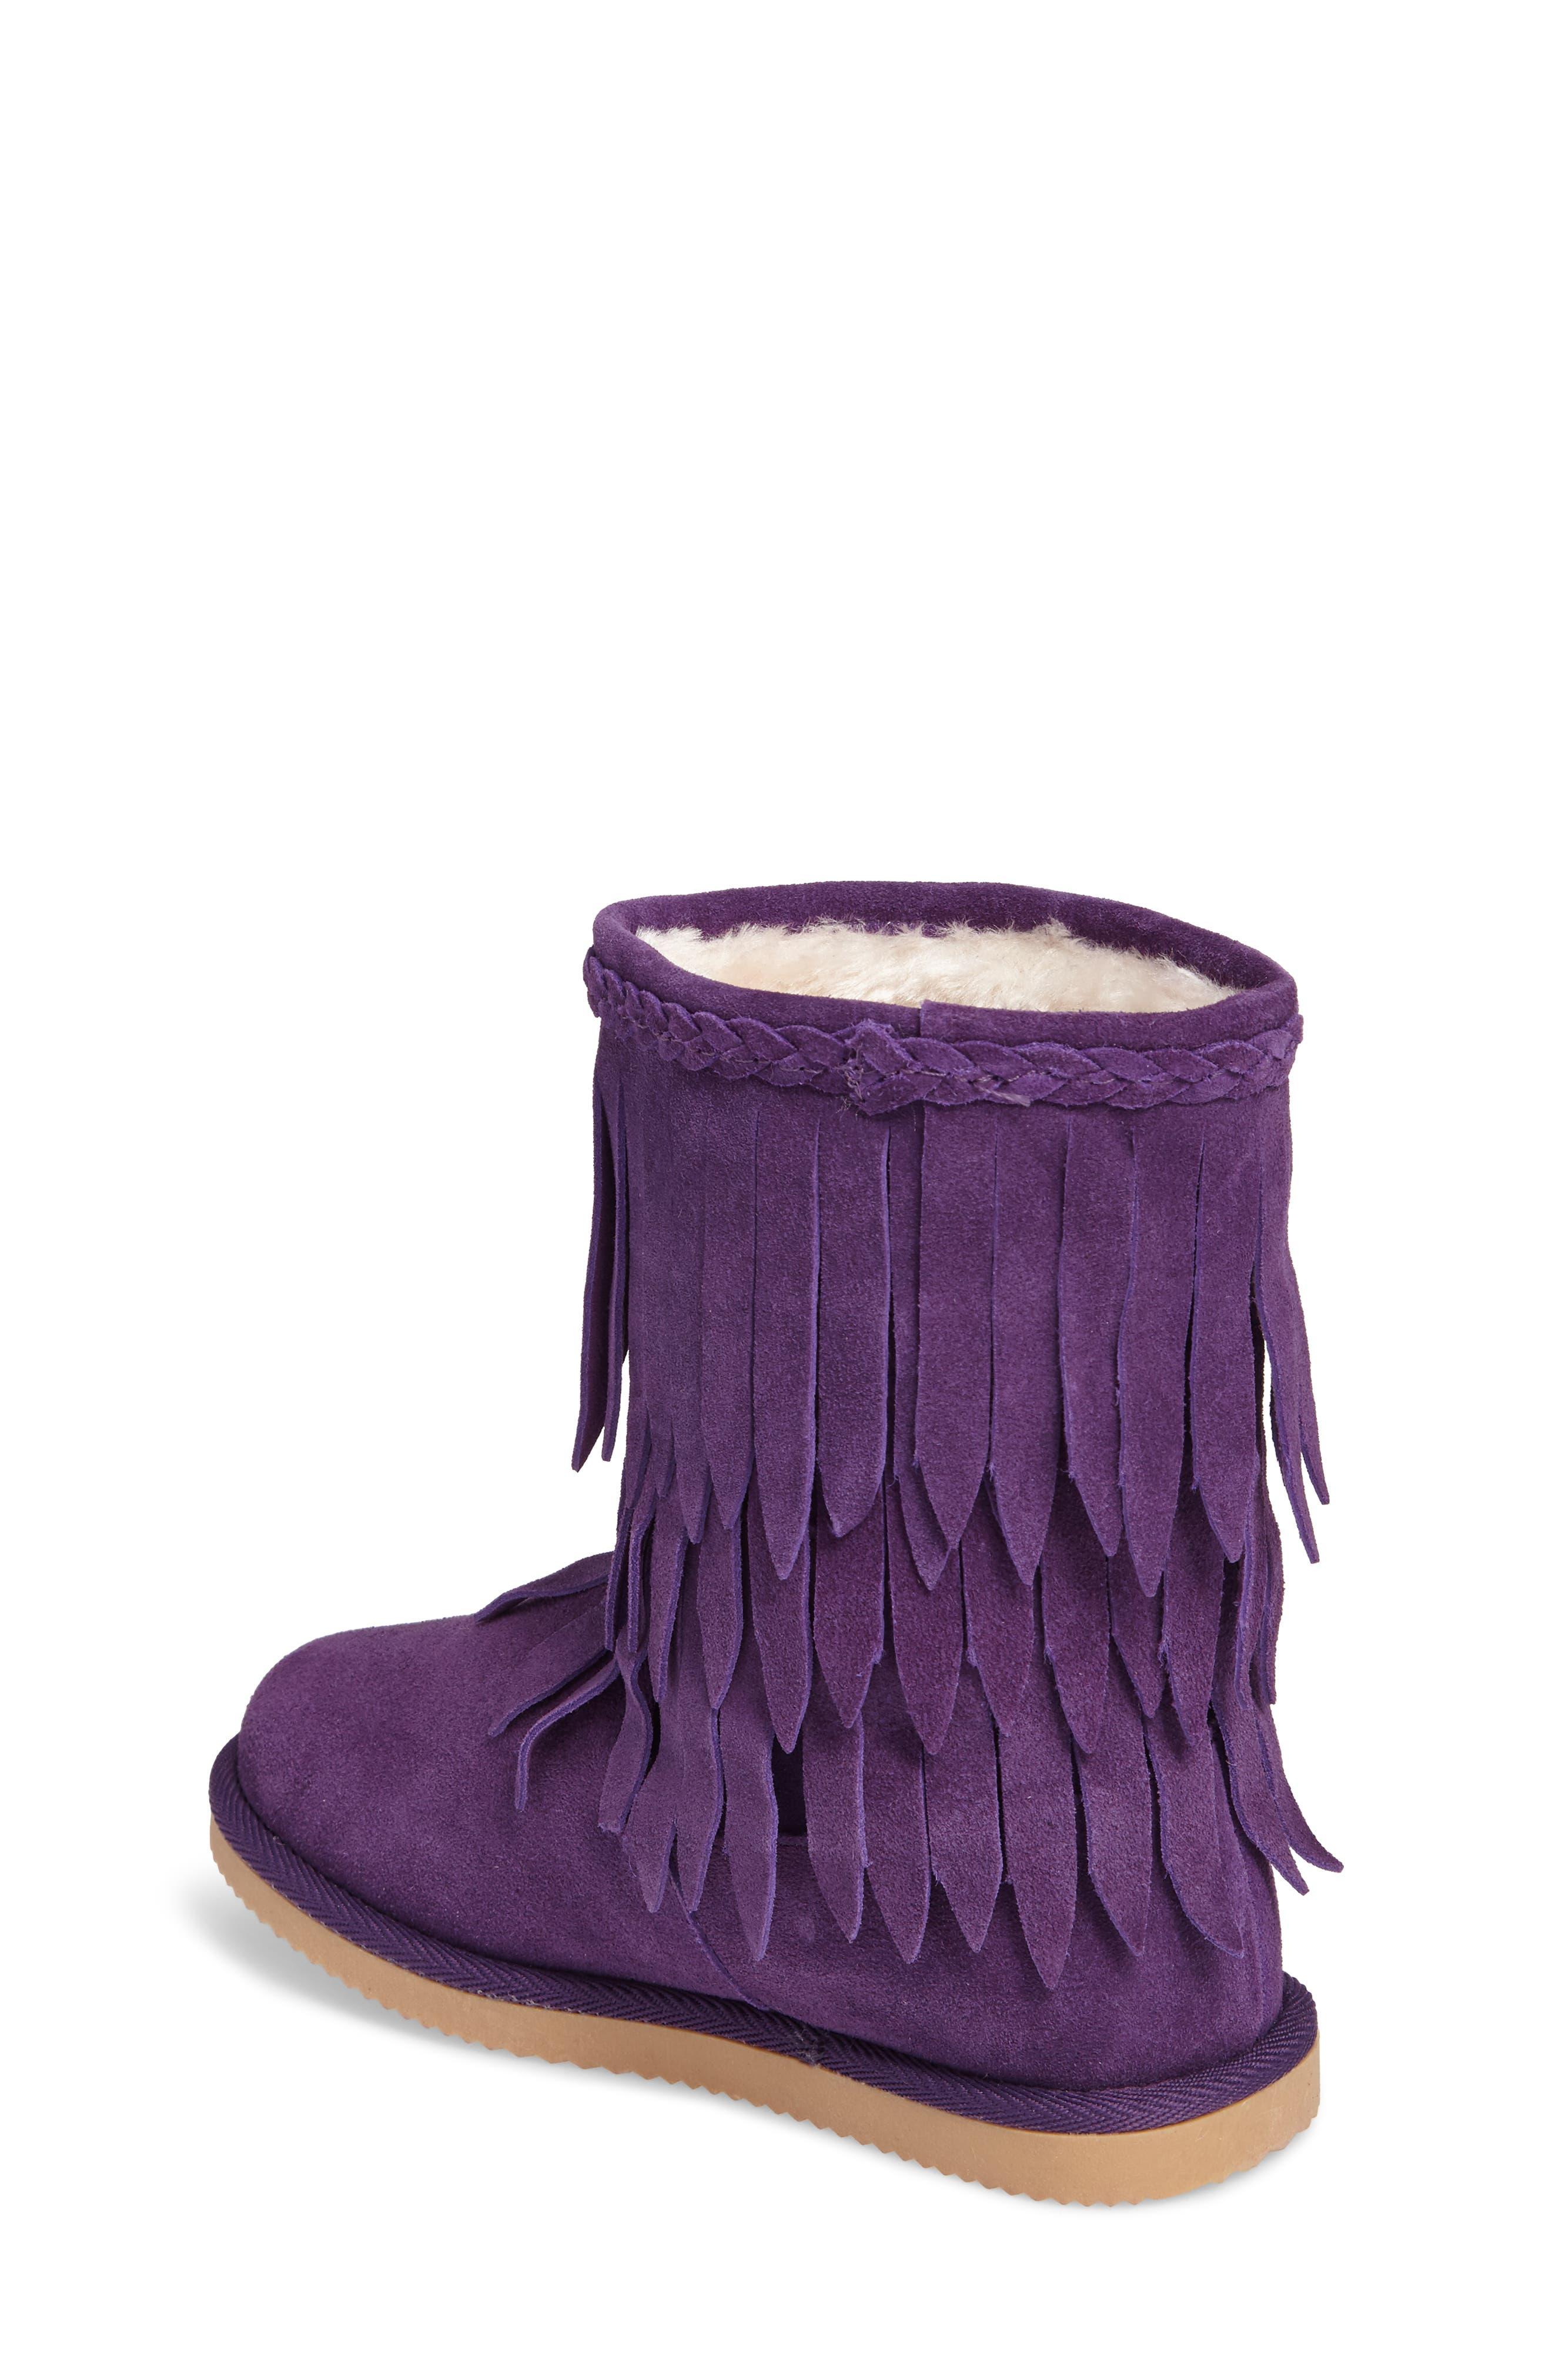 Elissa Faux Fur Fringed Bootie,                             Alternate thumbnail 2, color,                             Purple Suede